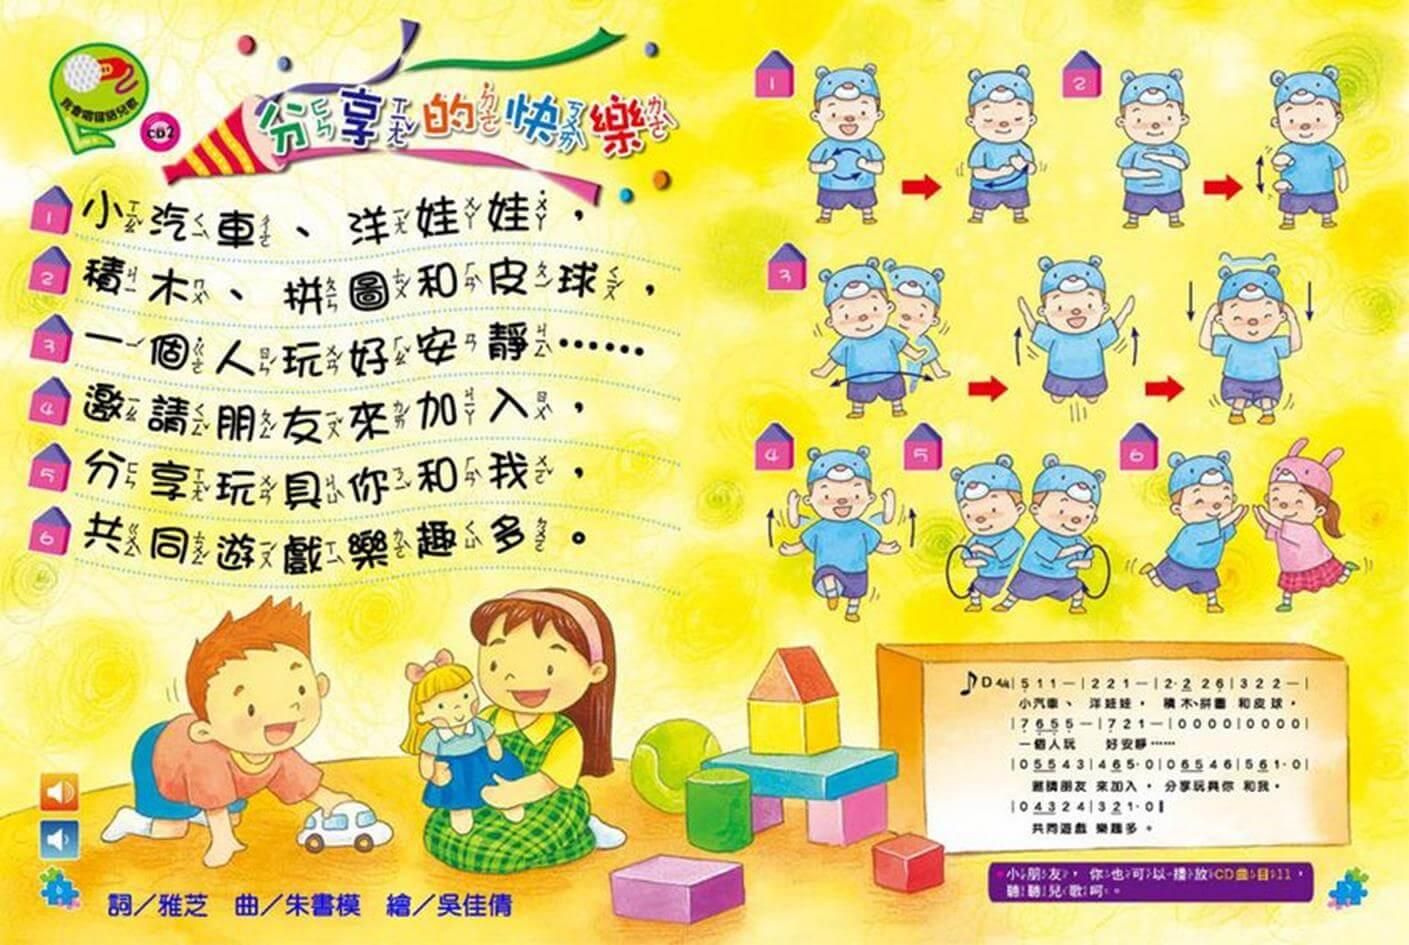 052916 1042 NO1 - 全國兒童樂園 小飛蛙月刊 NO.306 期出刊囉!